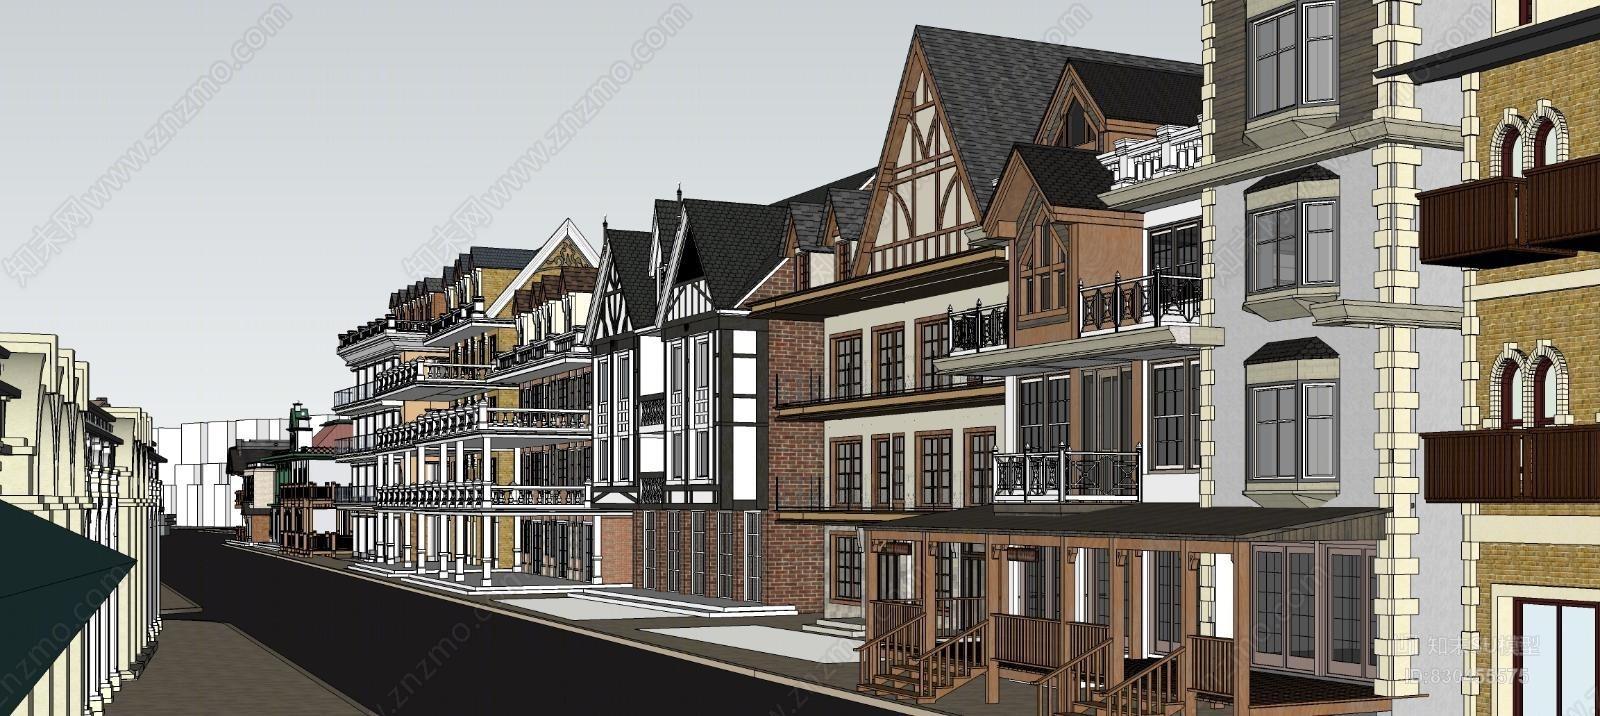 北欧商业风情街街景